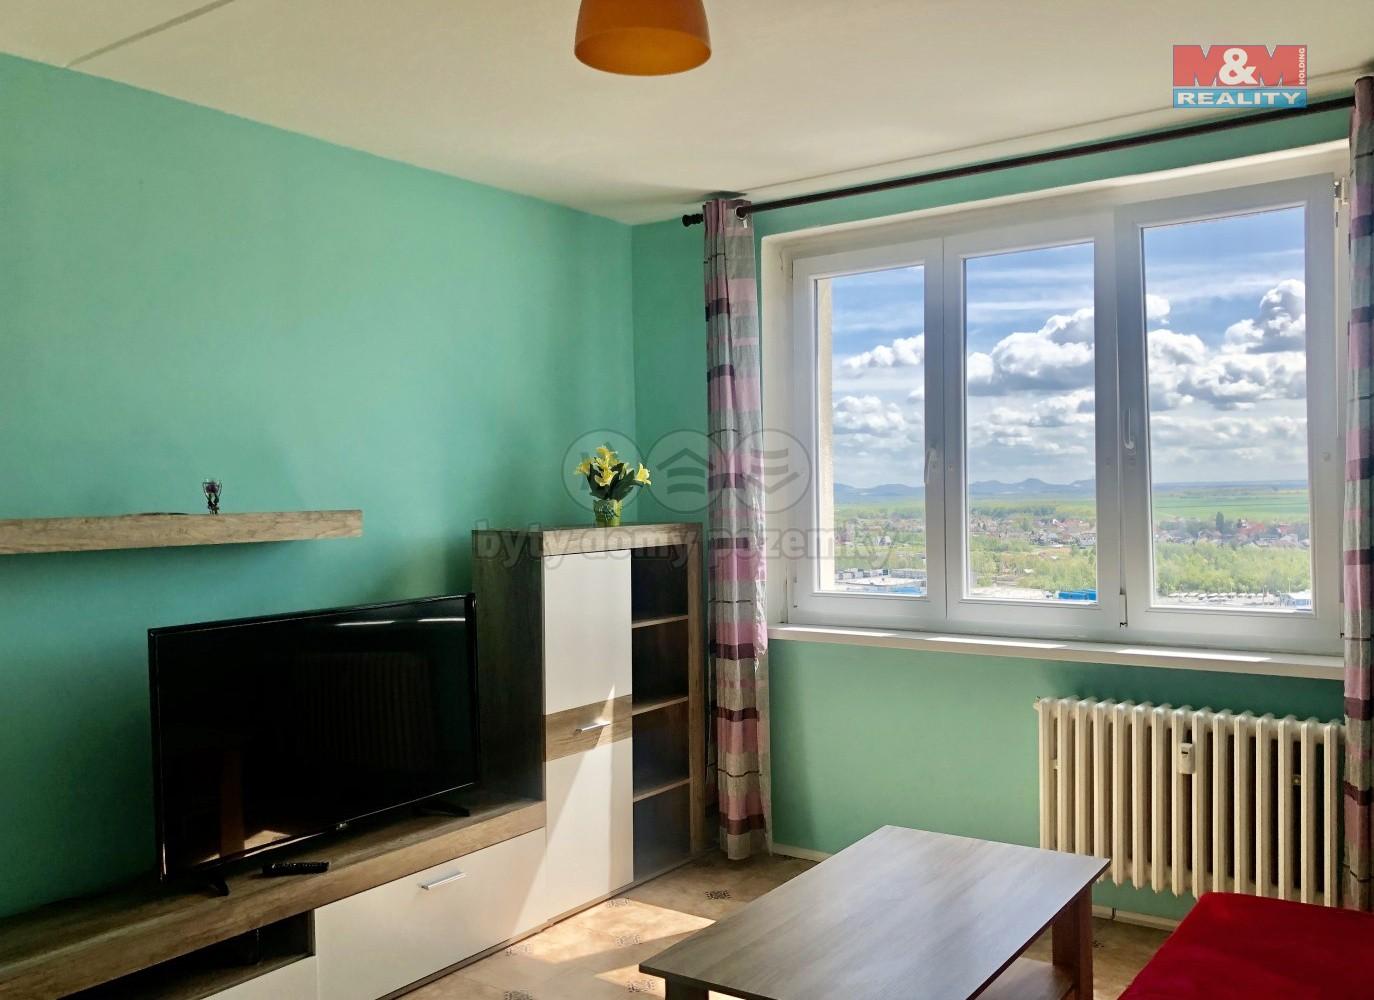 Prodej, byt 2+1, 52 m², OV, Chomutov, ul. Borová